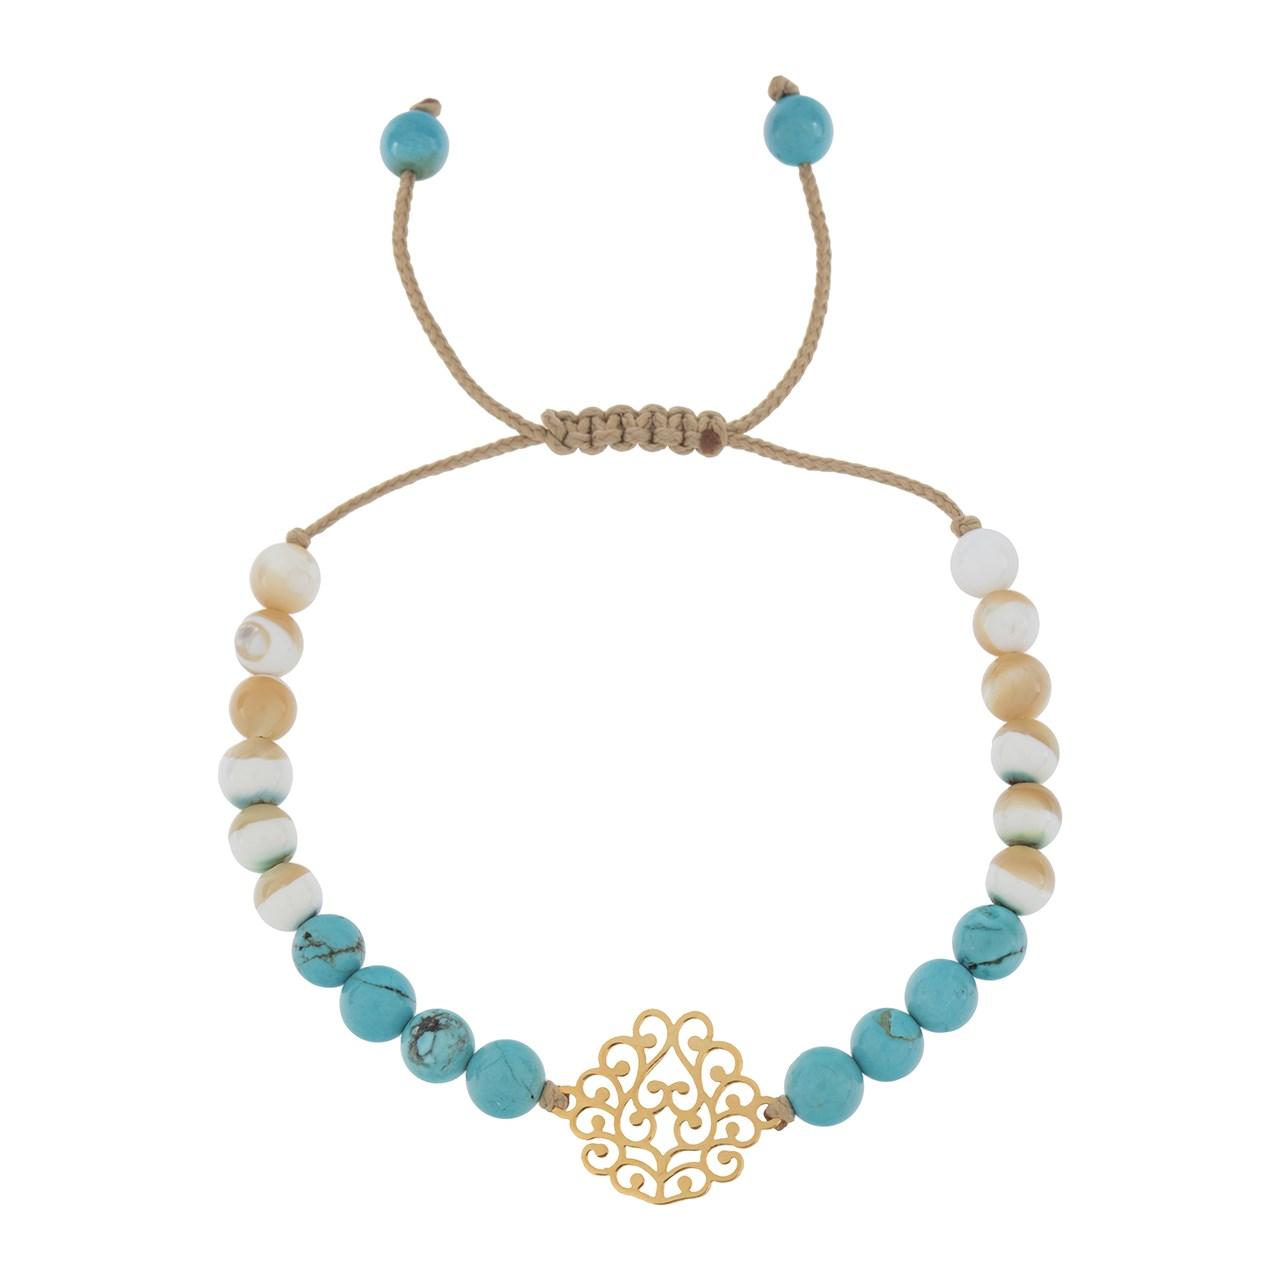 قیمت دستبند طلا 18 عیار ماهک مدل MB0544 - مایا ماهک